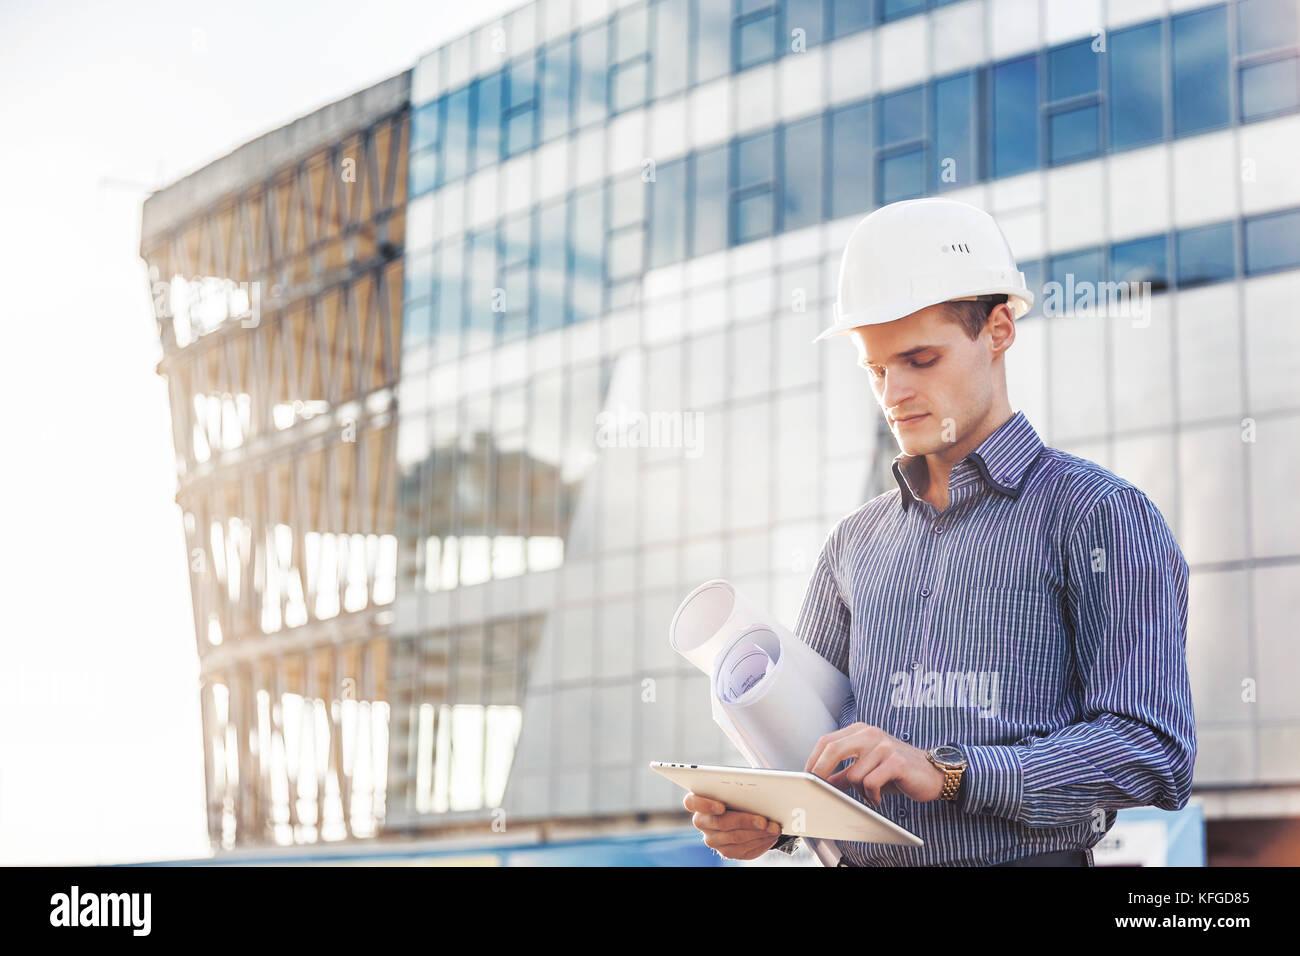 Portrait of young architecte ou ingénieur en chef utilise digital tablet sur le site de construction Photo Stock